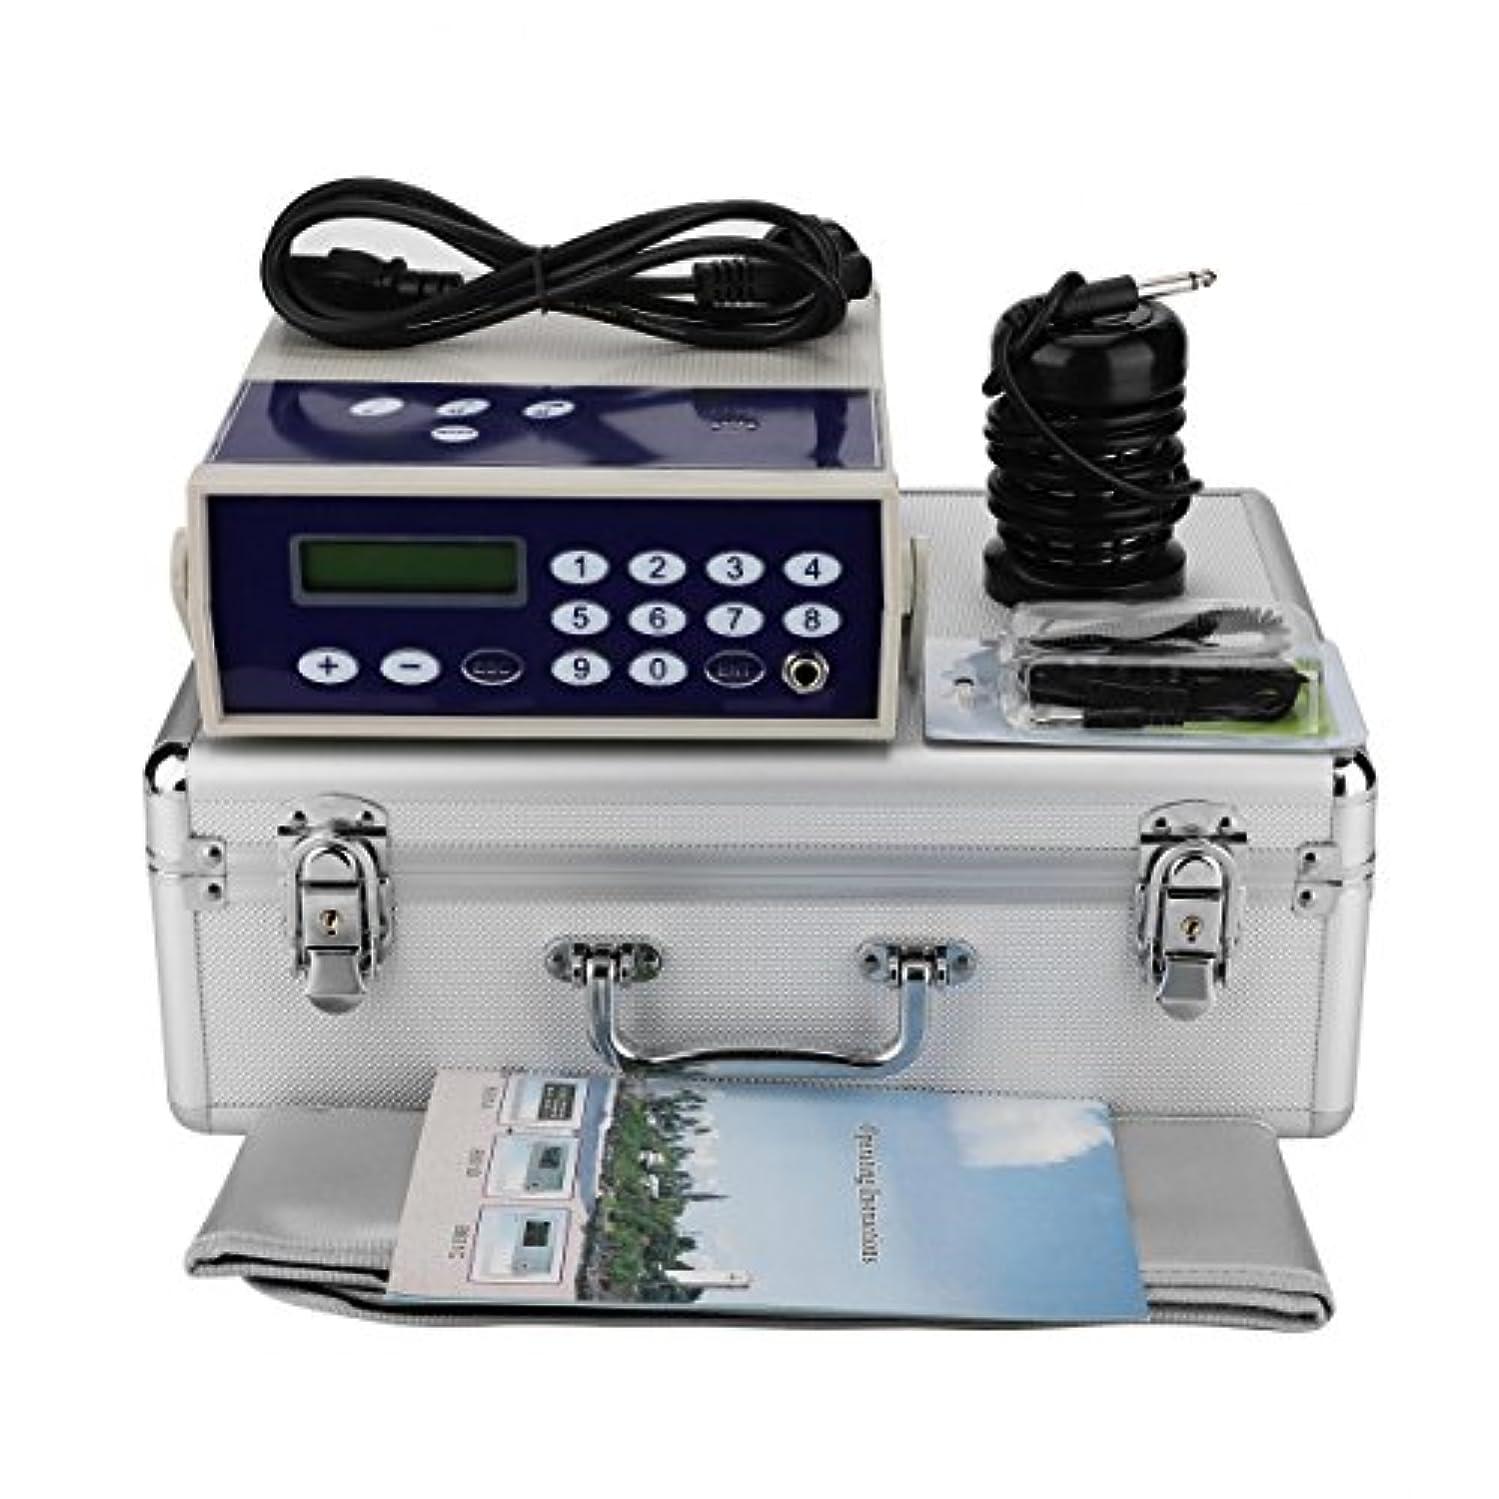 実現可能性お気に入りしおれたボディデトックスマシン、フットバススパクレンジングマシン遠赤外線治療ベルト(US Plug)